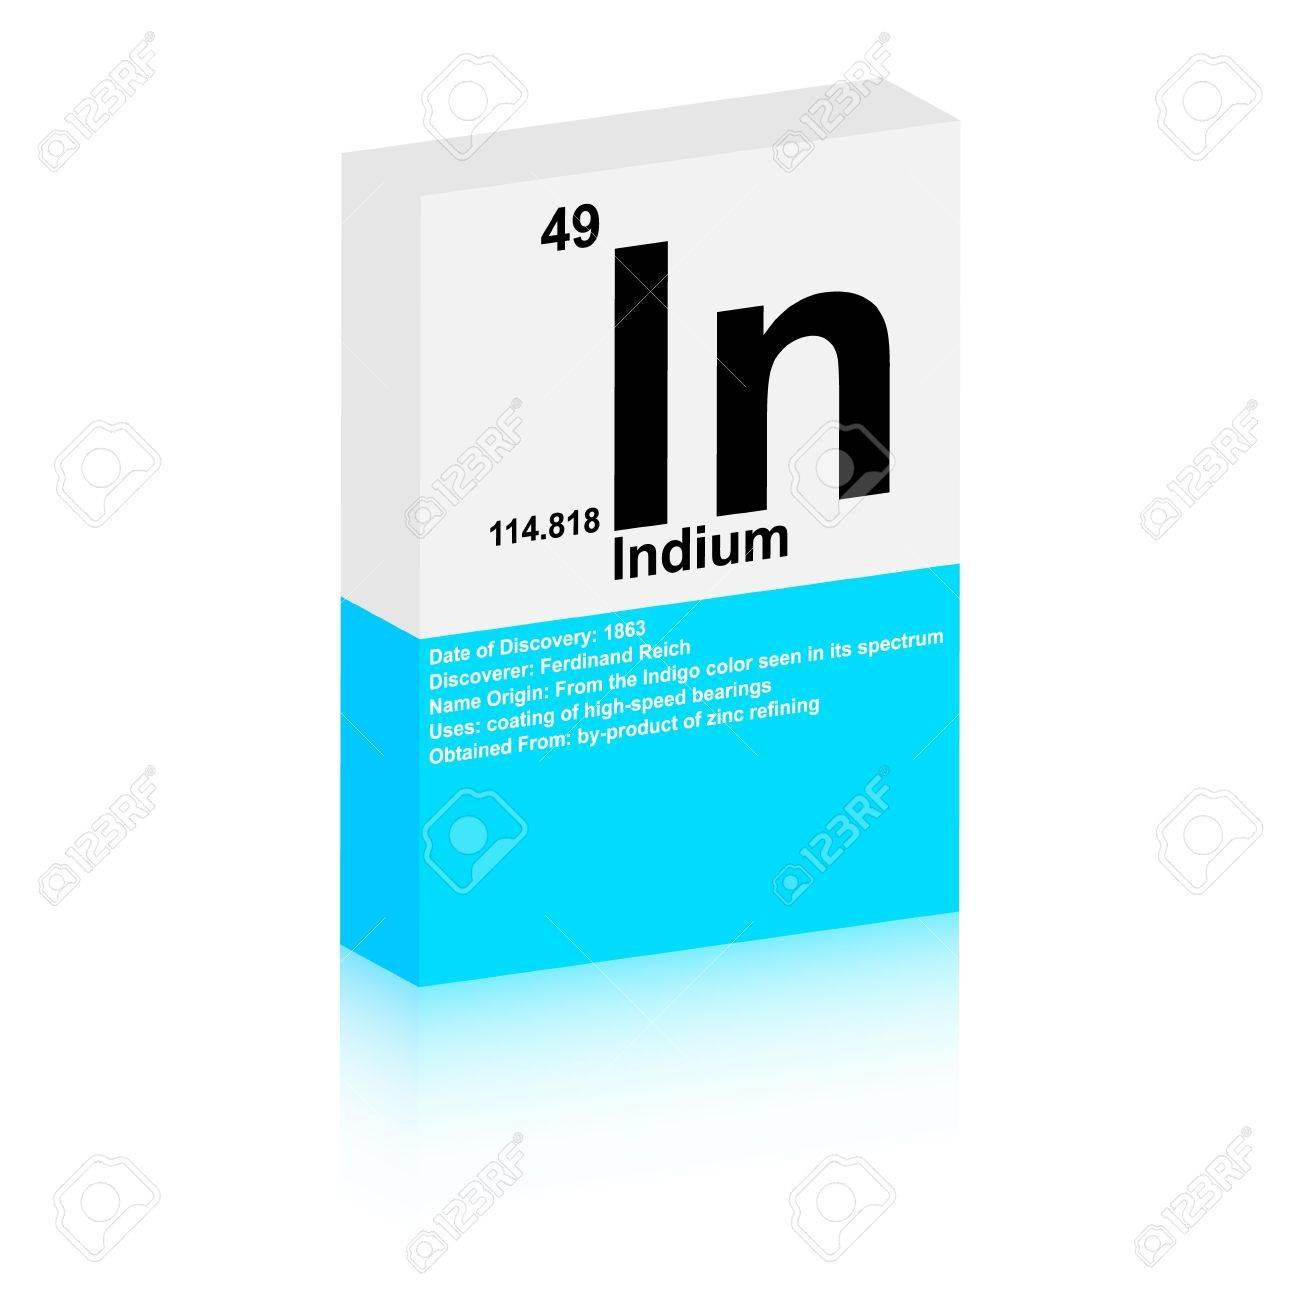 Indium symbol royalty free cliparts vectors and stock illustration indium symbol stock vector 13345220 buycottarizona Gallery